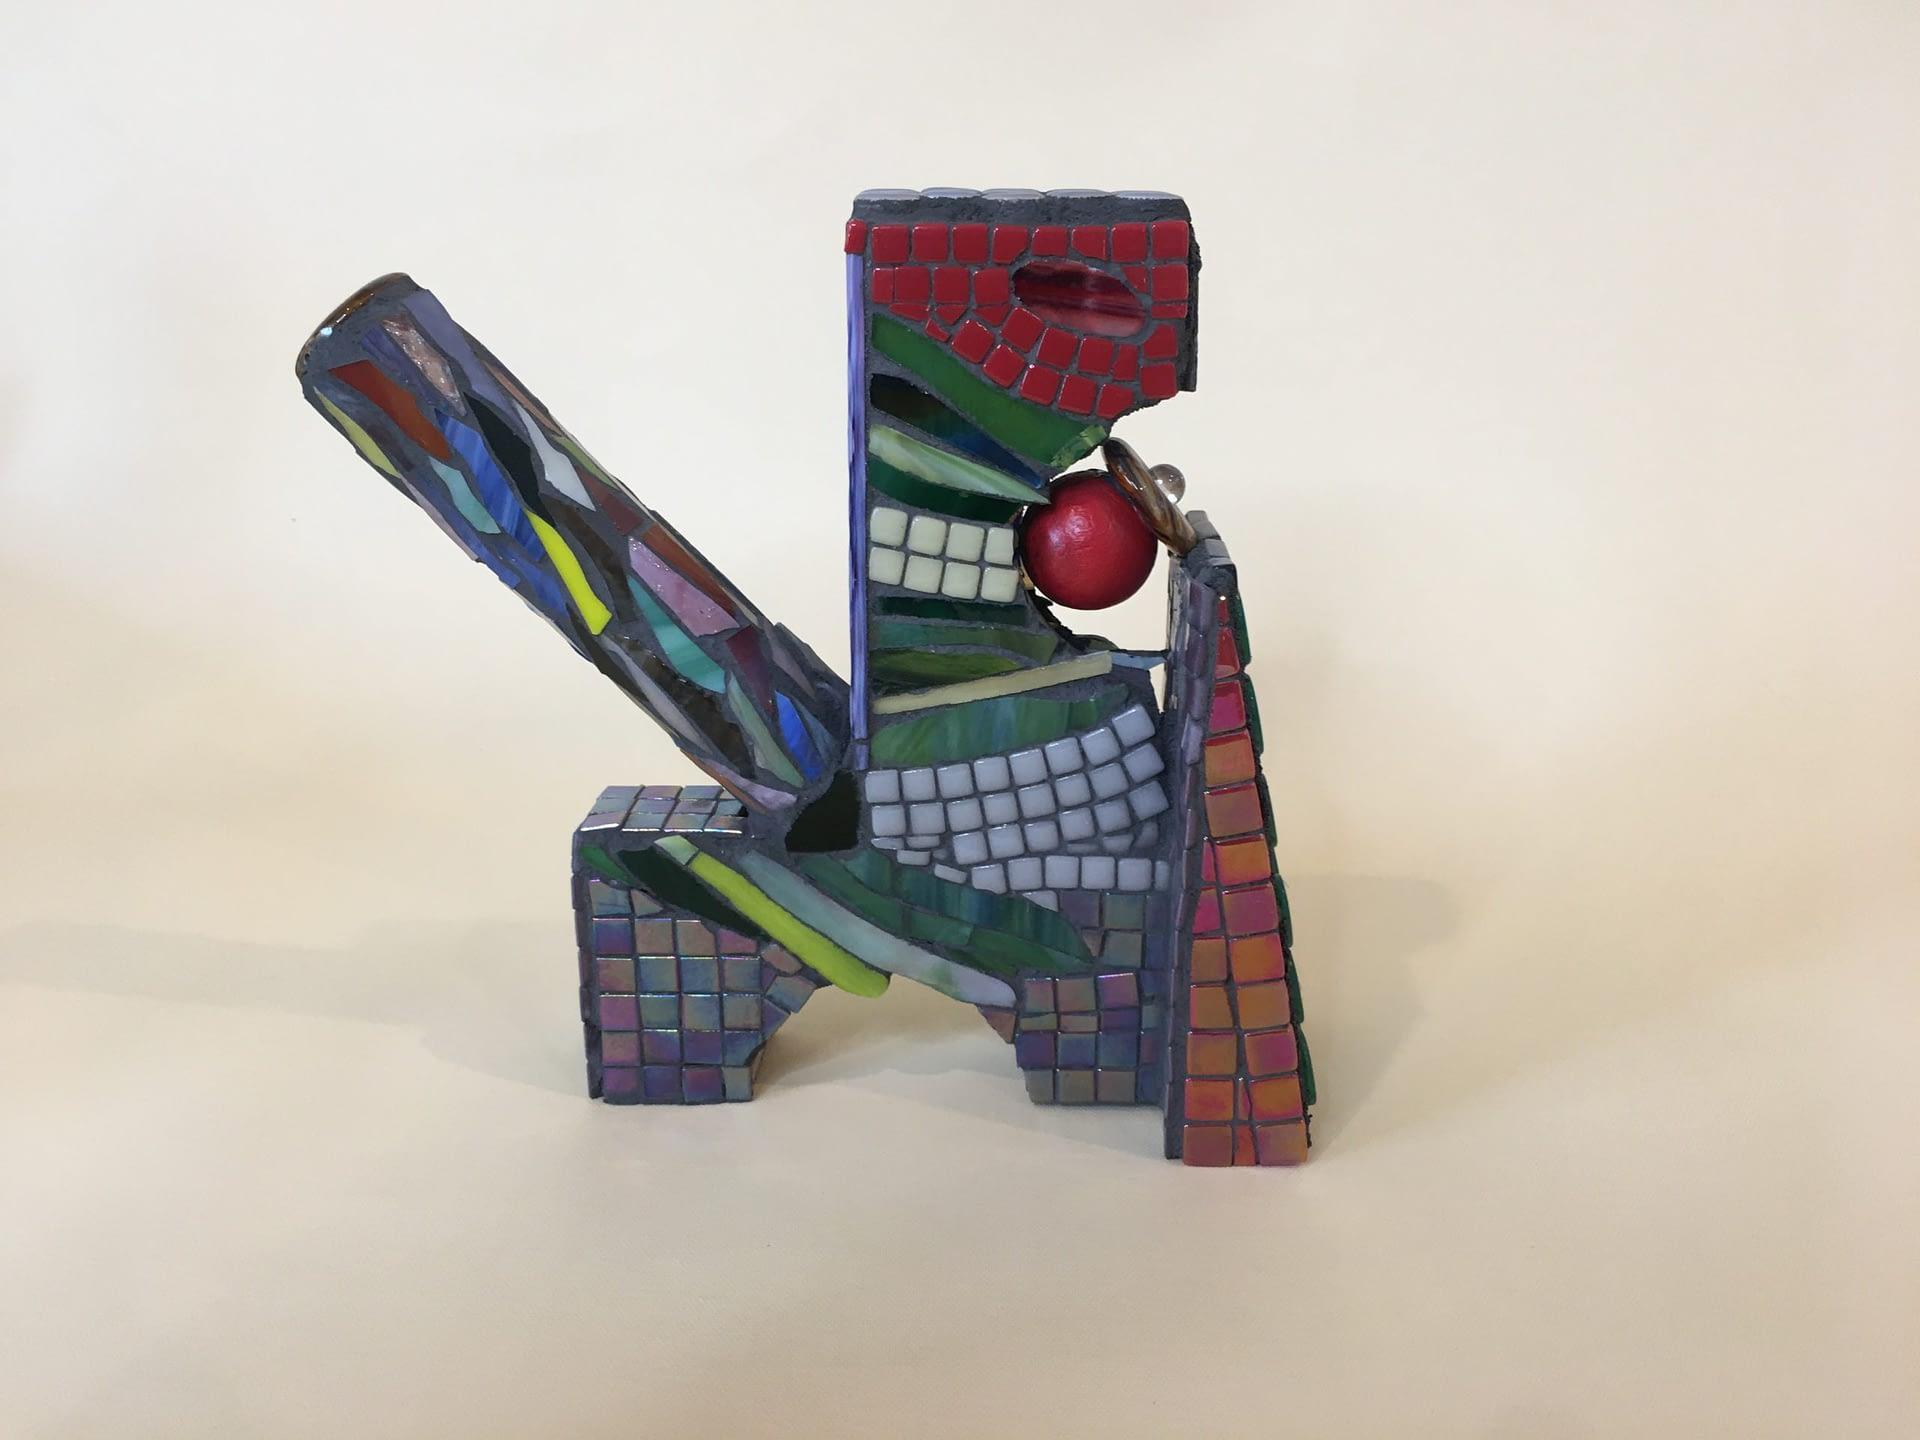 Mosaic sculpture No. 1